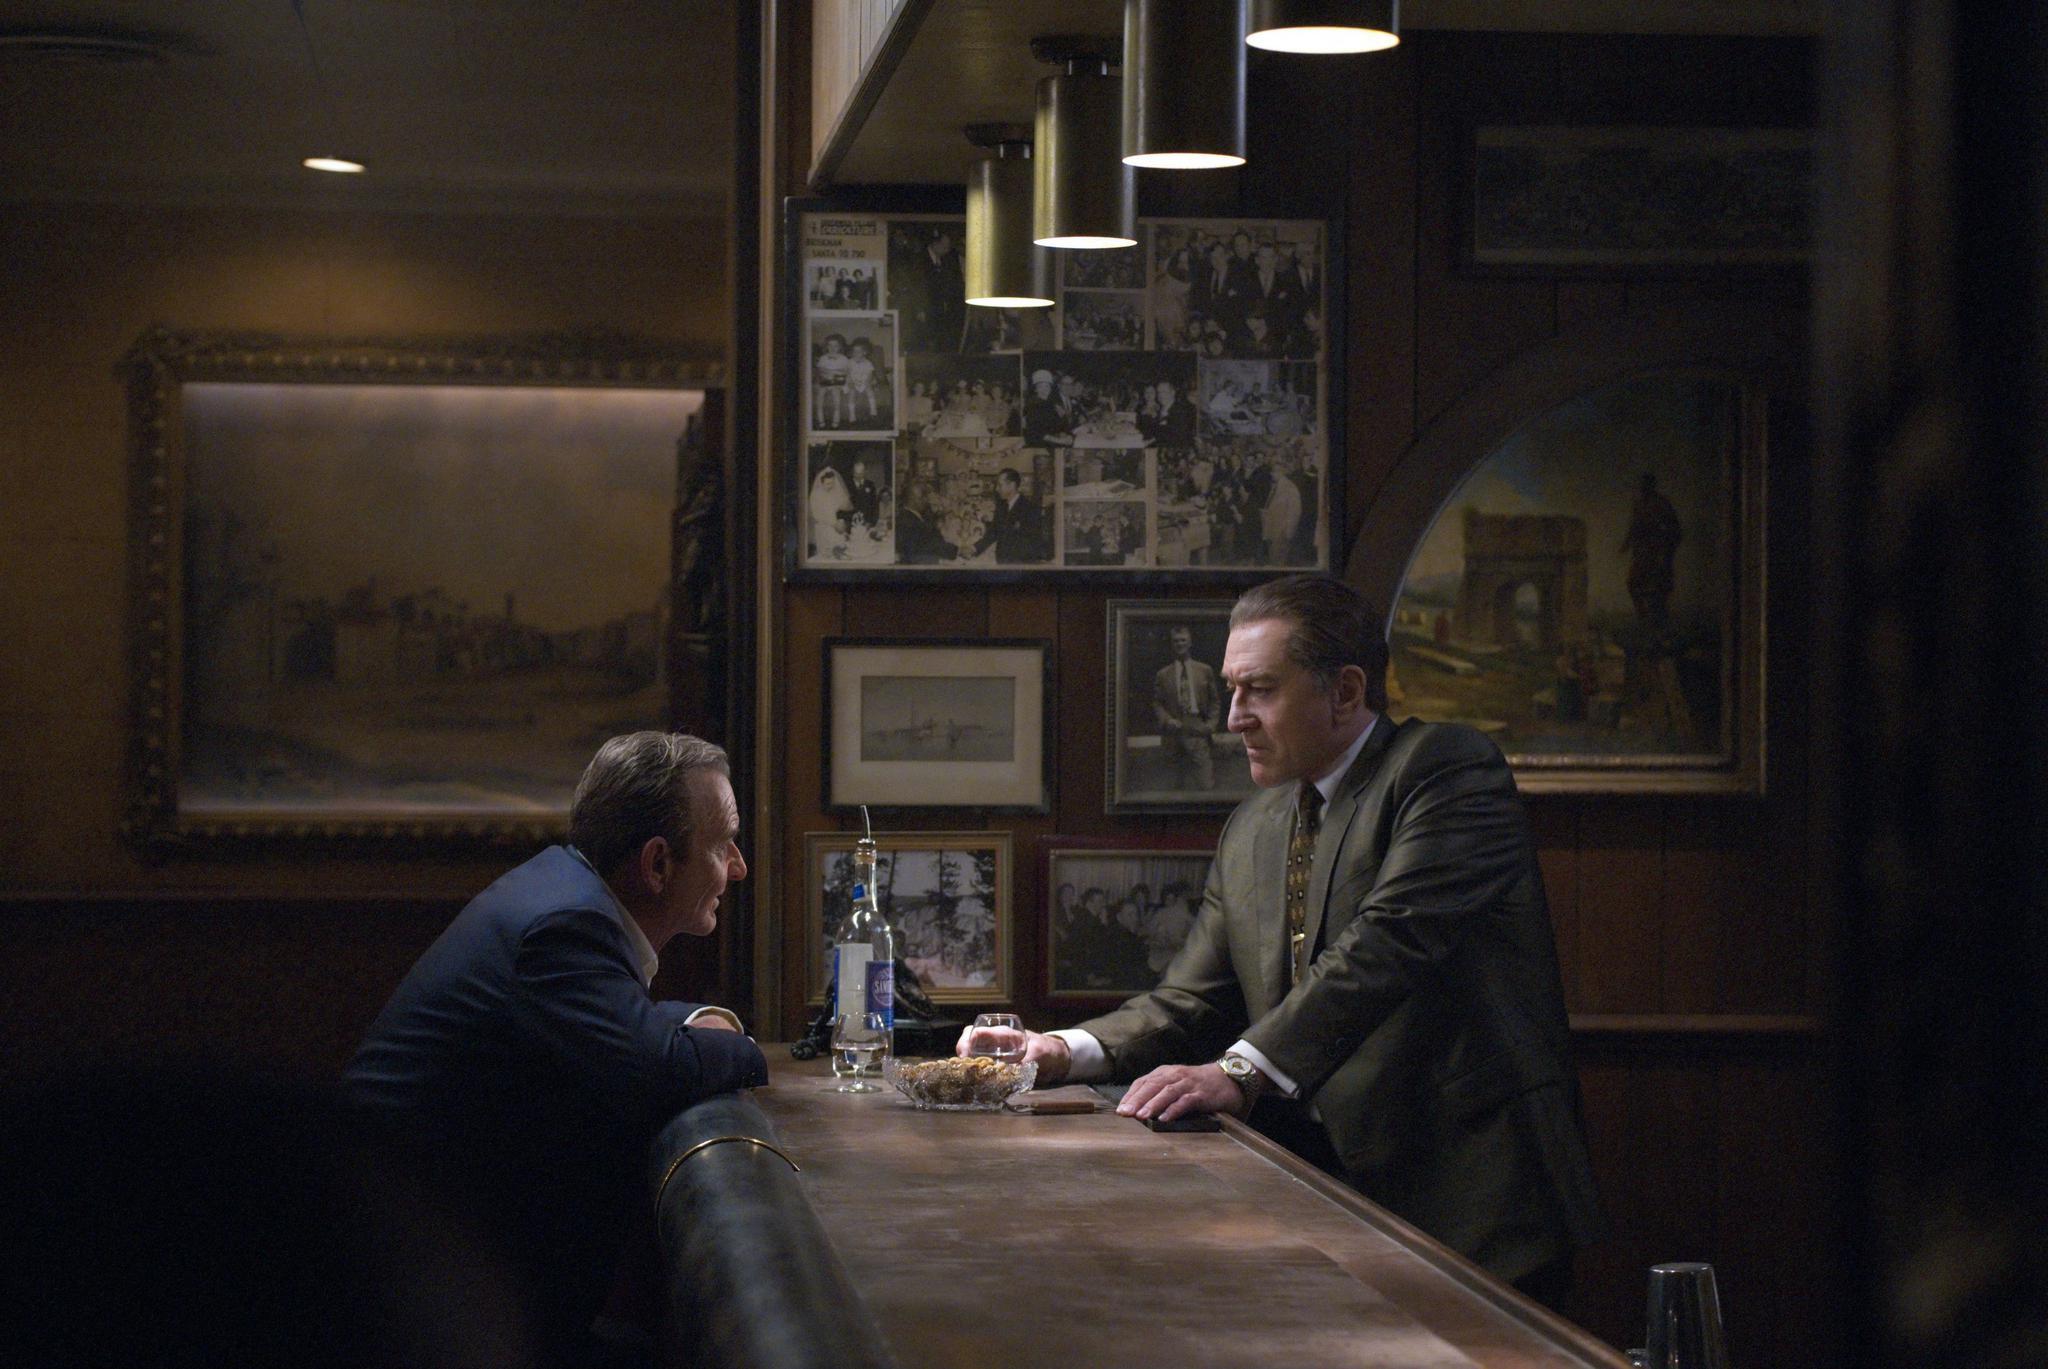 《爱尔兰人》获第90届美国国家评论协会奖最佳影片